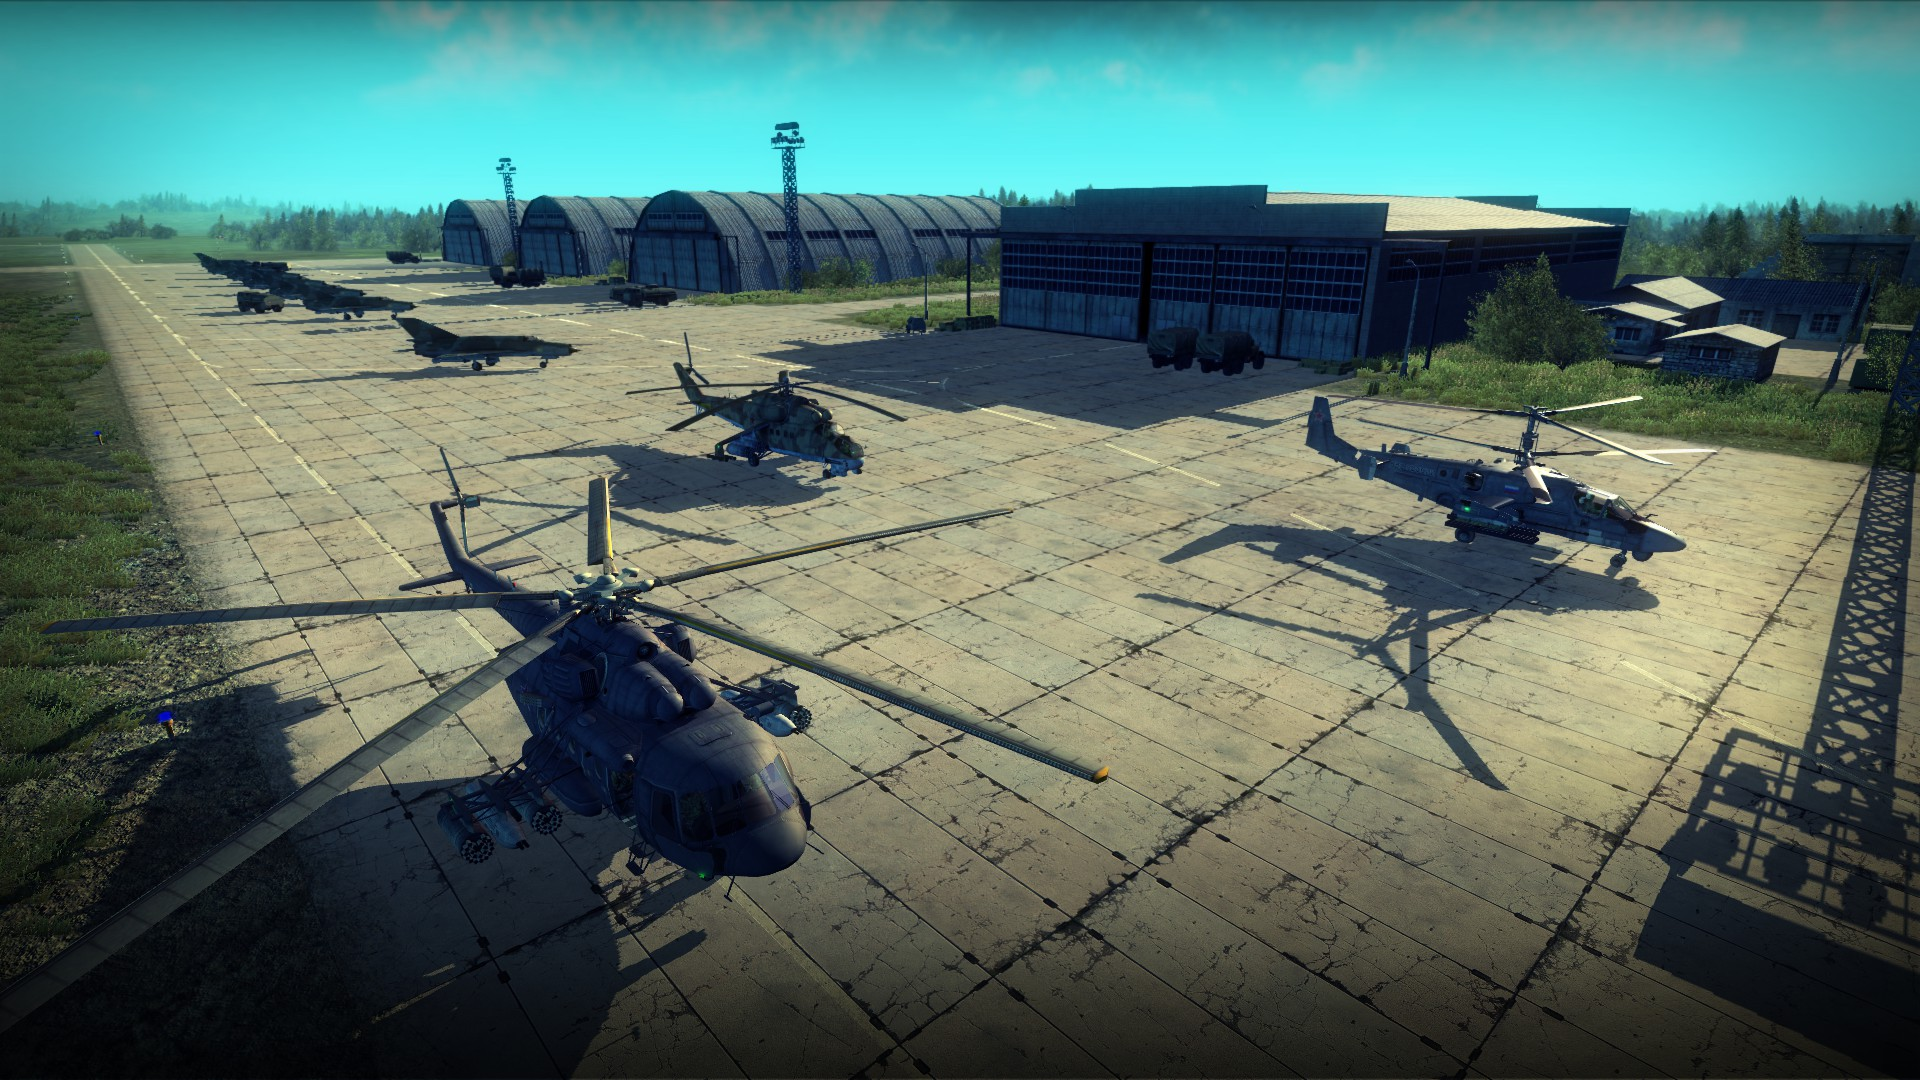 Новые игры вертолеты онлайн пиксельные рпг игры онлайн на пк